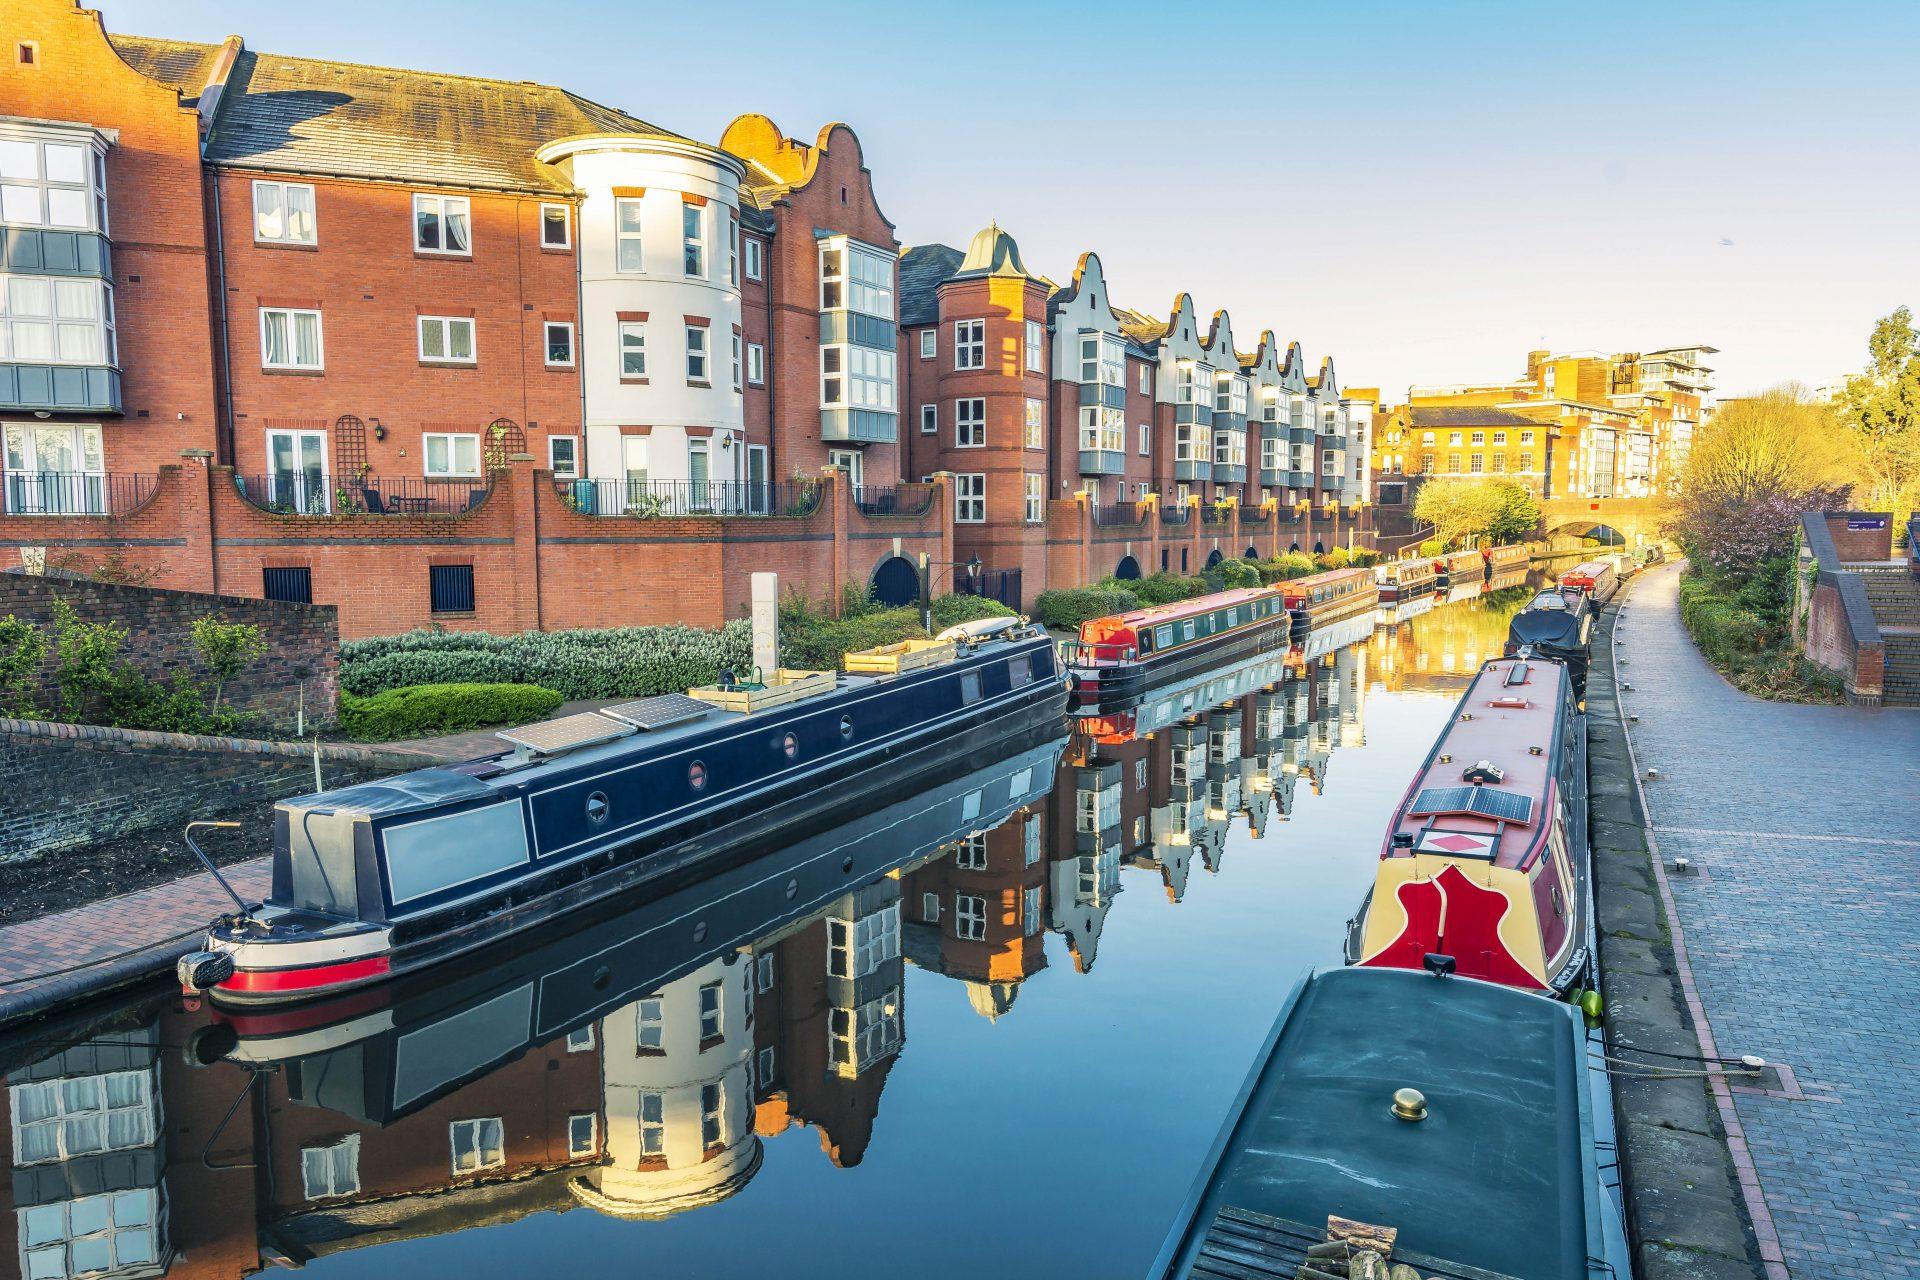 Kanal in Birmingham